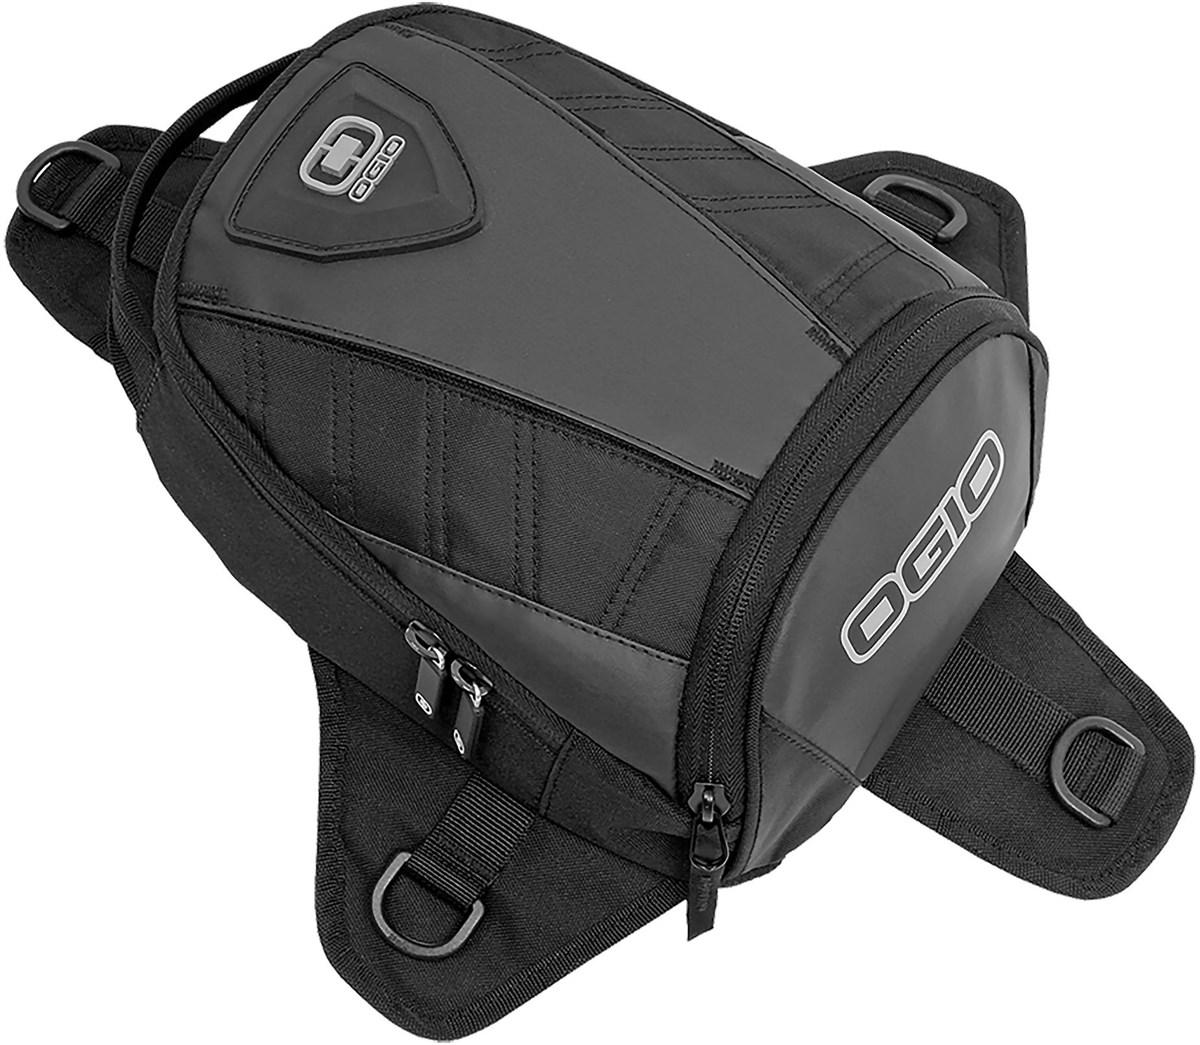 Ogio Super Mini Tanker Backpack | Travel bags